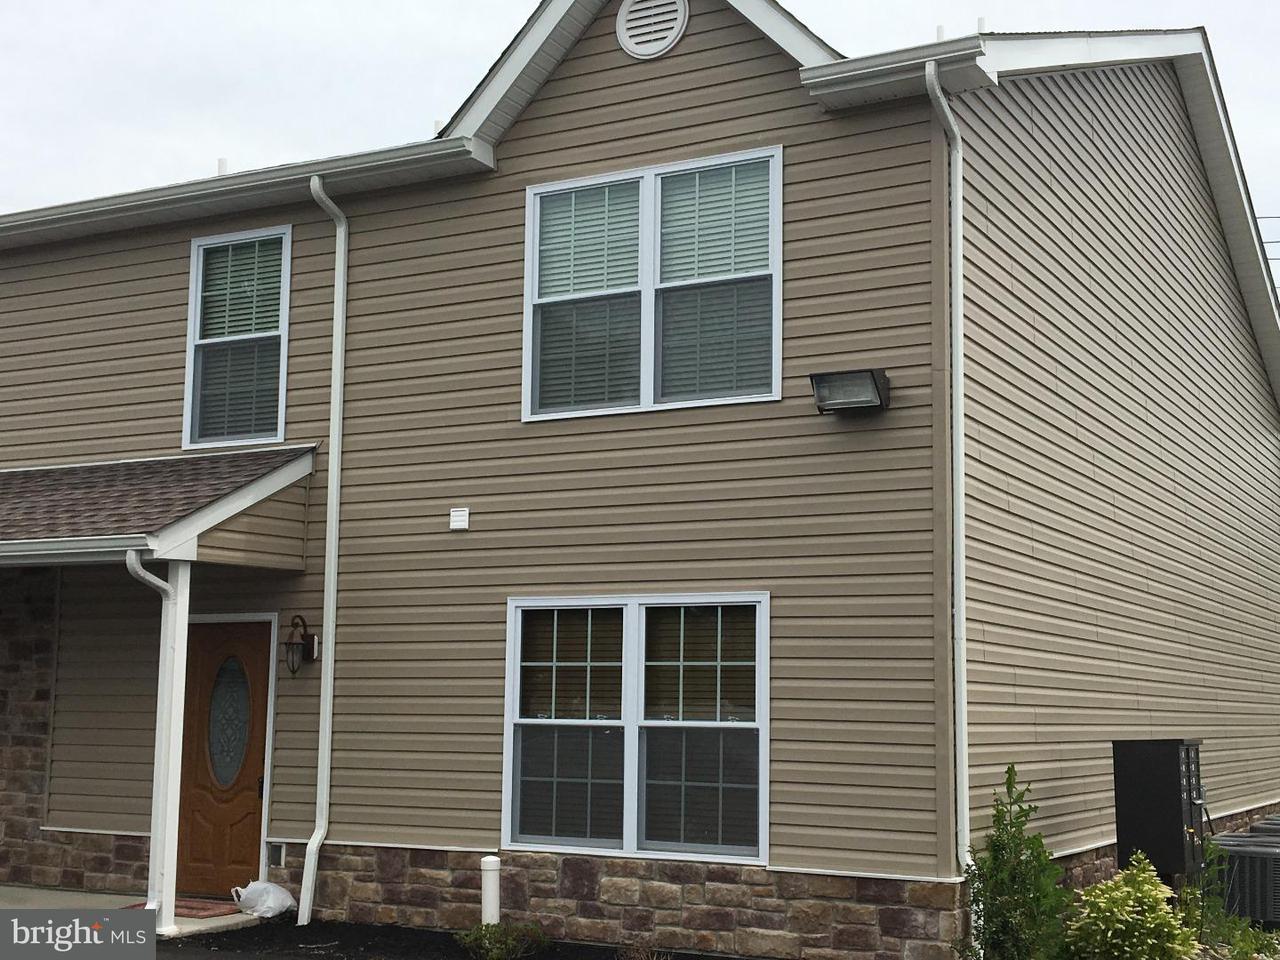 Частный односемейный дом для того Аренда на 16 BELMONT AVE #5 Quakertown, Пенсильвания 18951 Соединенные Штаты